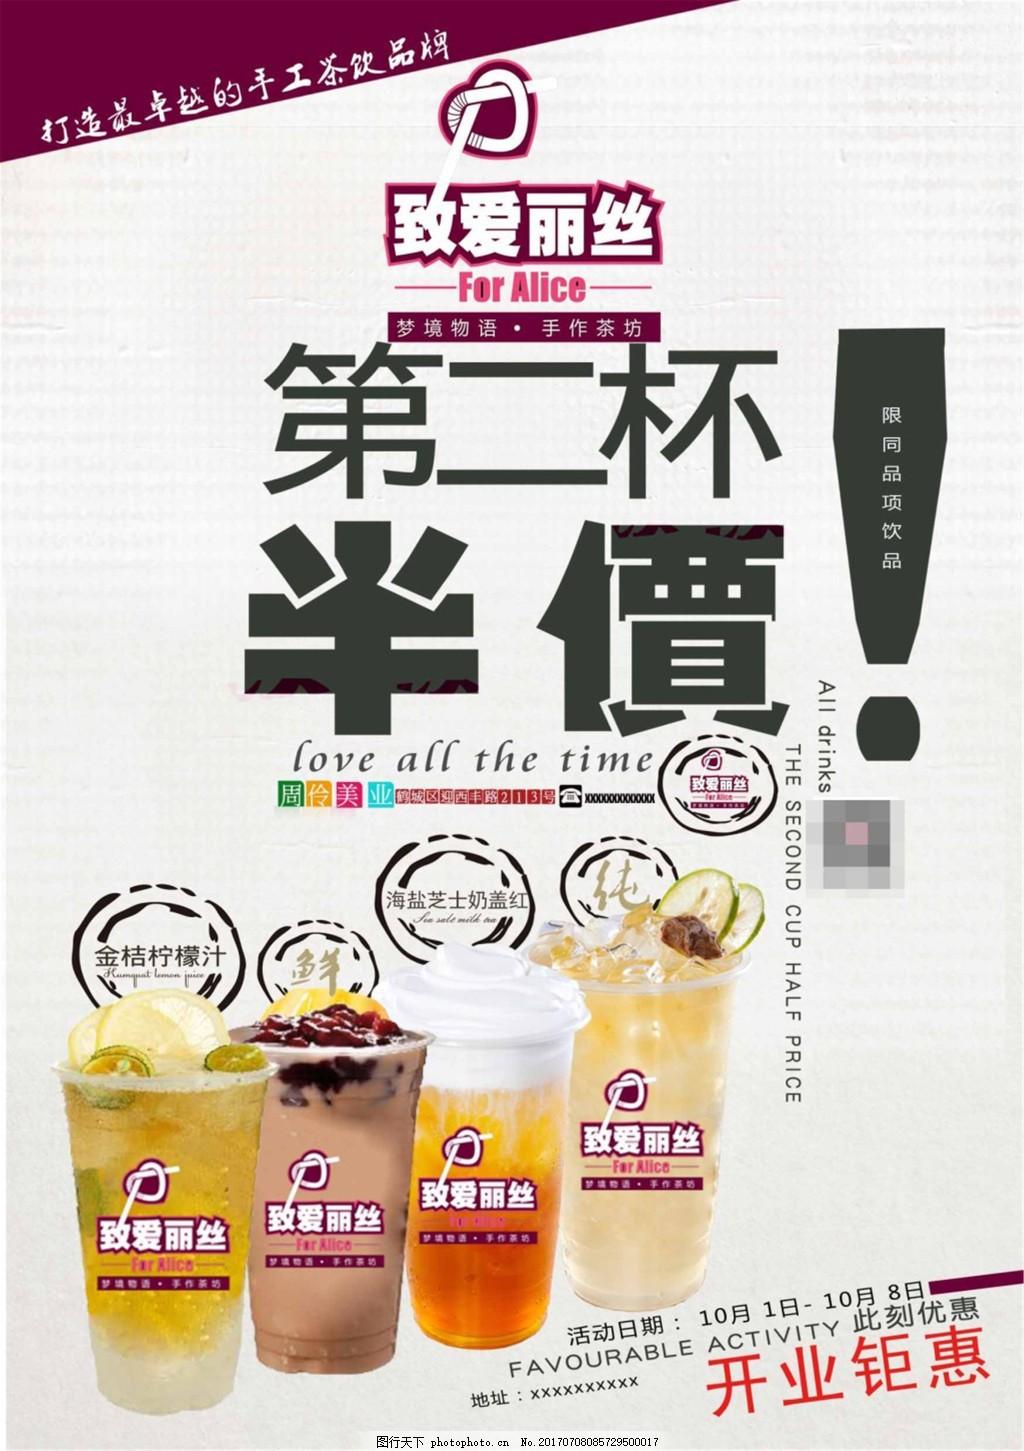 第二杯半价宣传海报设计 饮料 果汁 蔬菜水果 果蔬 下午茶 菜谱